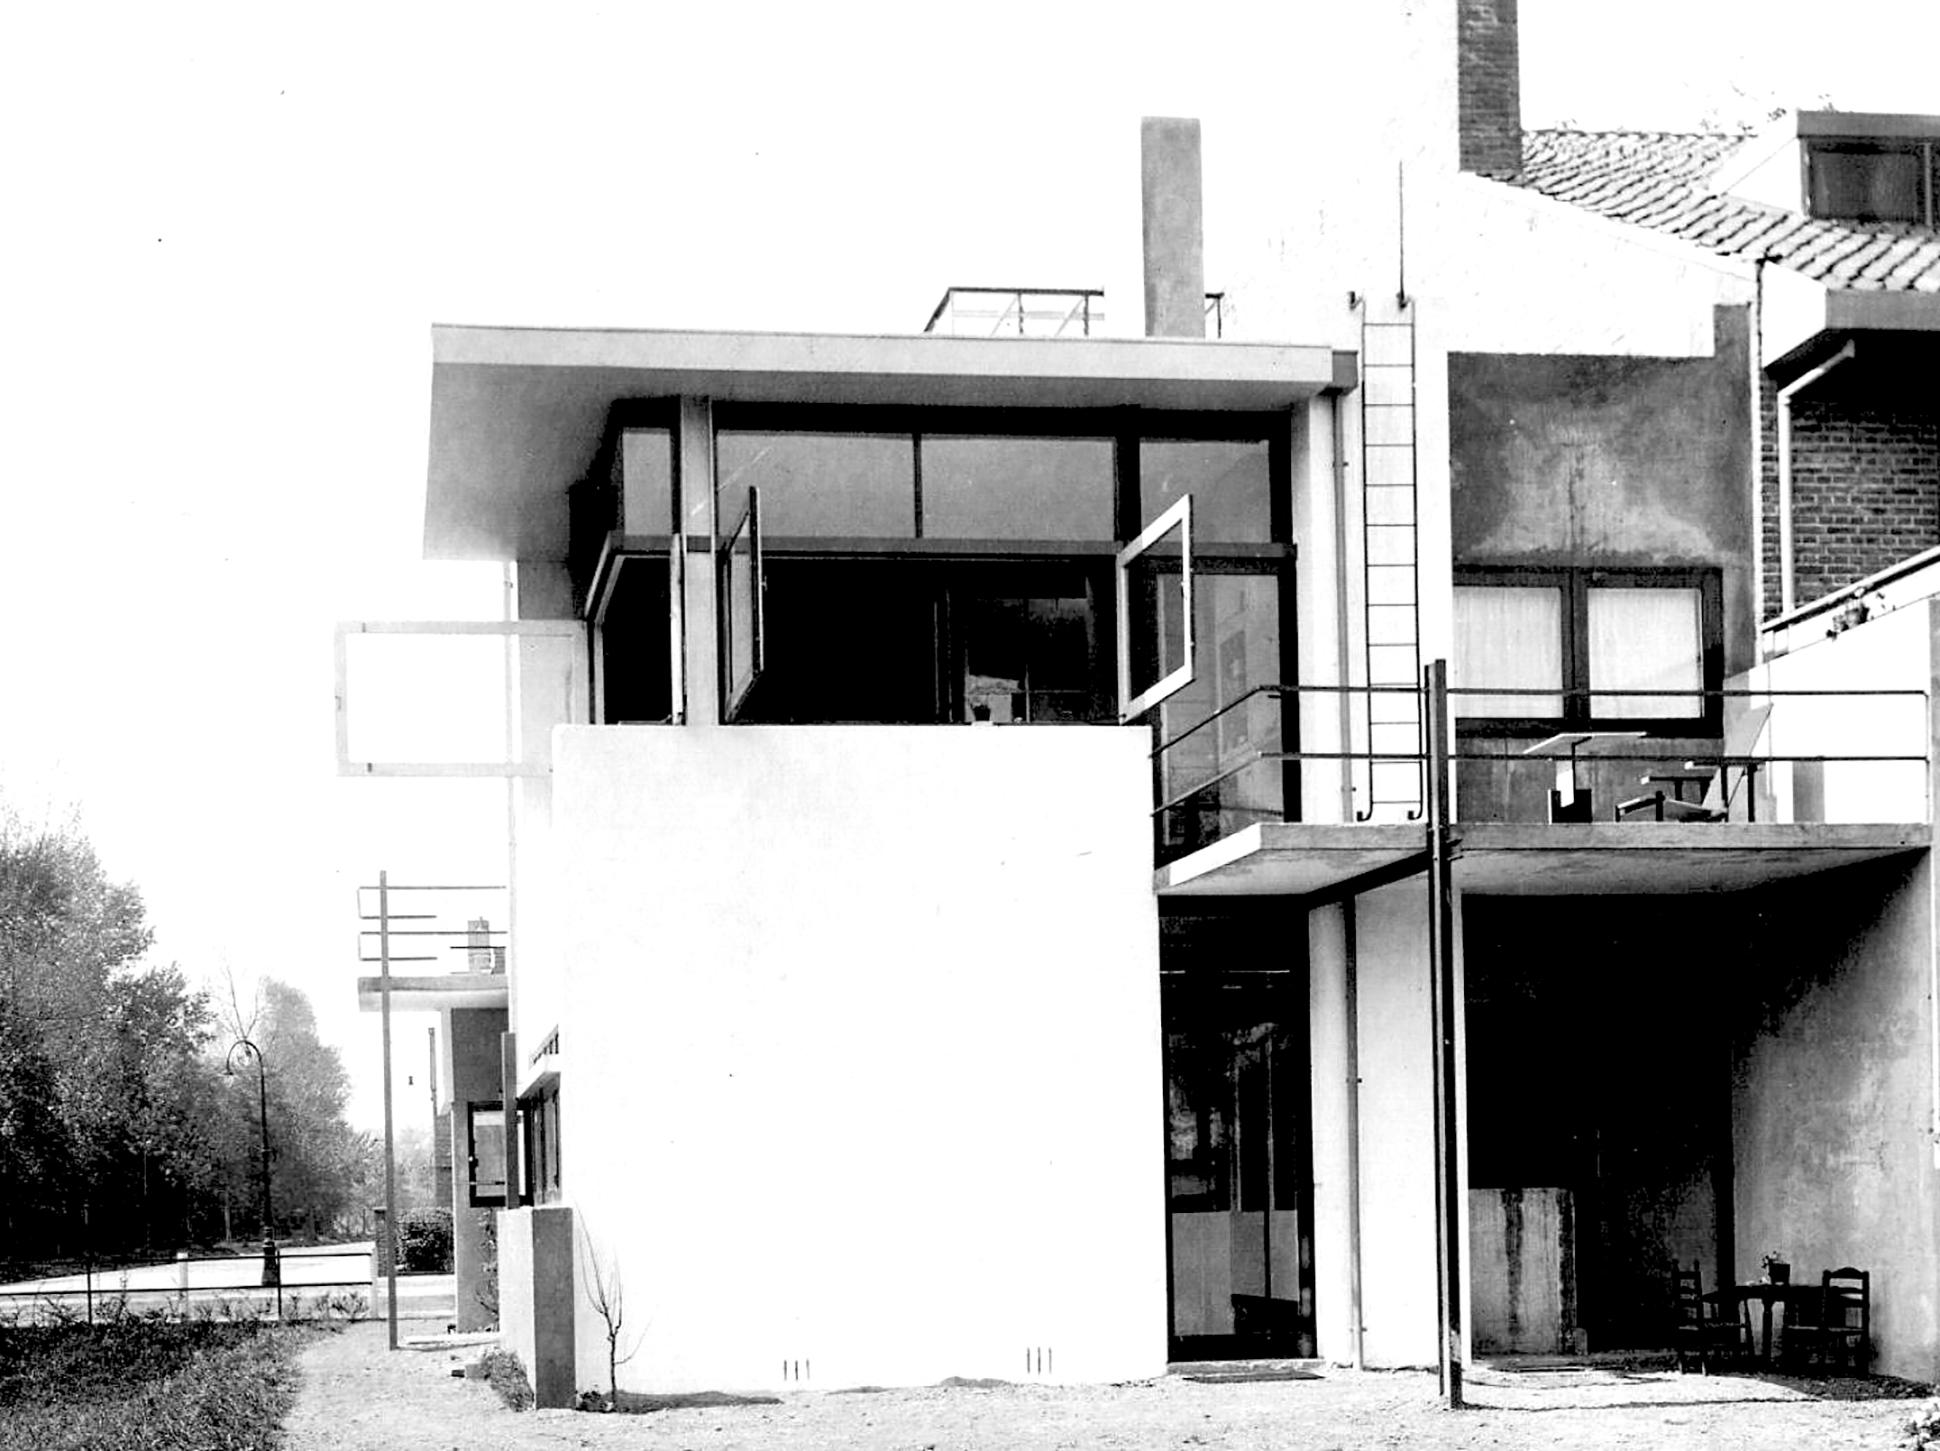 Blitz en Zn, Zicht op Rietveld-Schröderhuis. 1925. Catalogusnummer 58133 Het Utrechts Archief